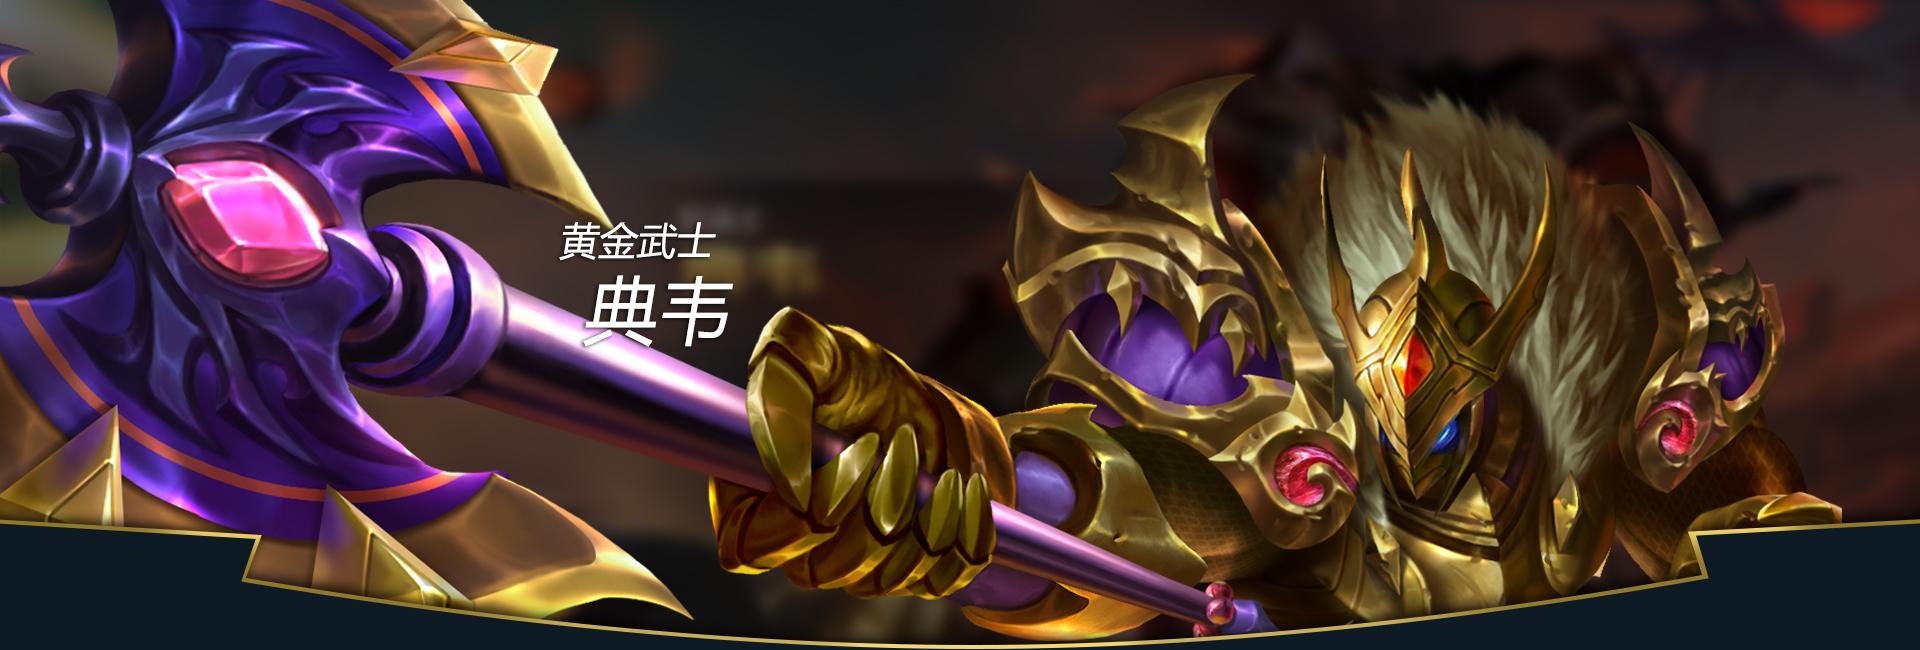 第2弹《王者荣耀英雄皮肤CG》竞技游戏64